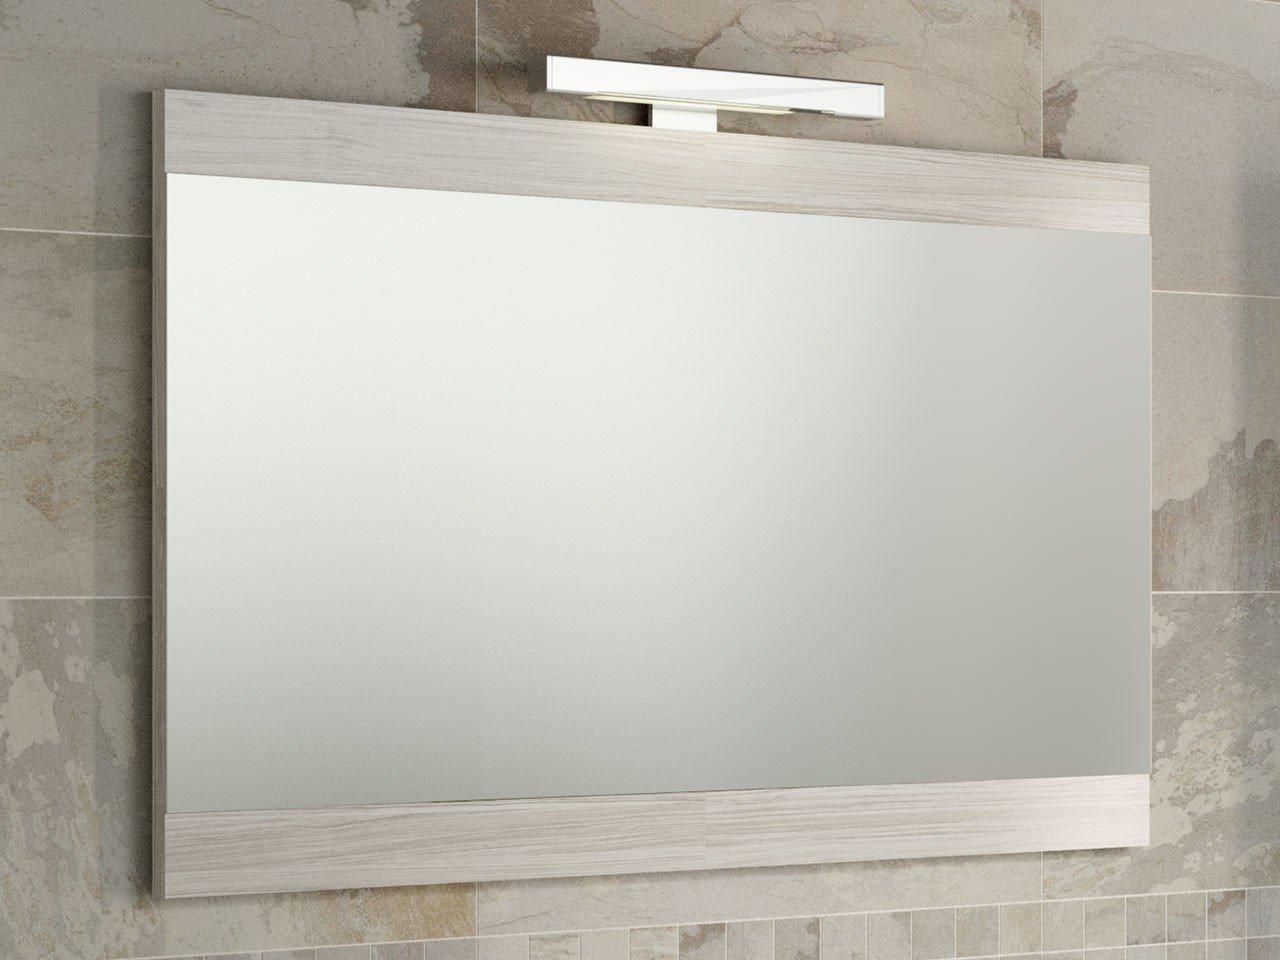 Progettare un armadio angolare - Armadio bagno ikea ...